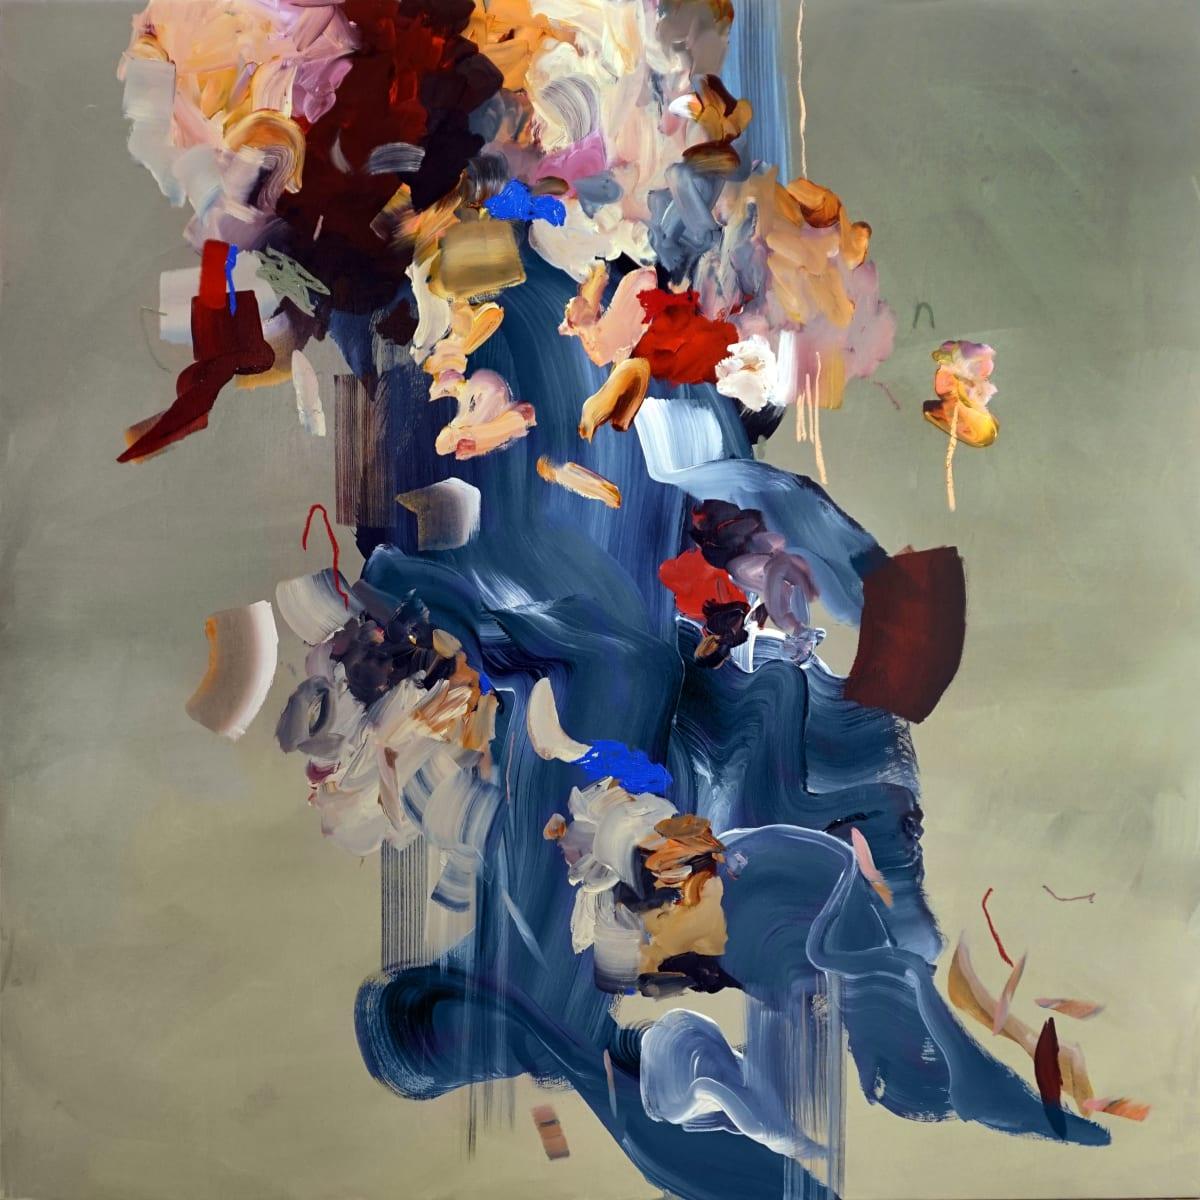 Janna Watson, Secrets Falling Out Like Ocean Clouds, 2019